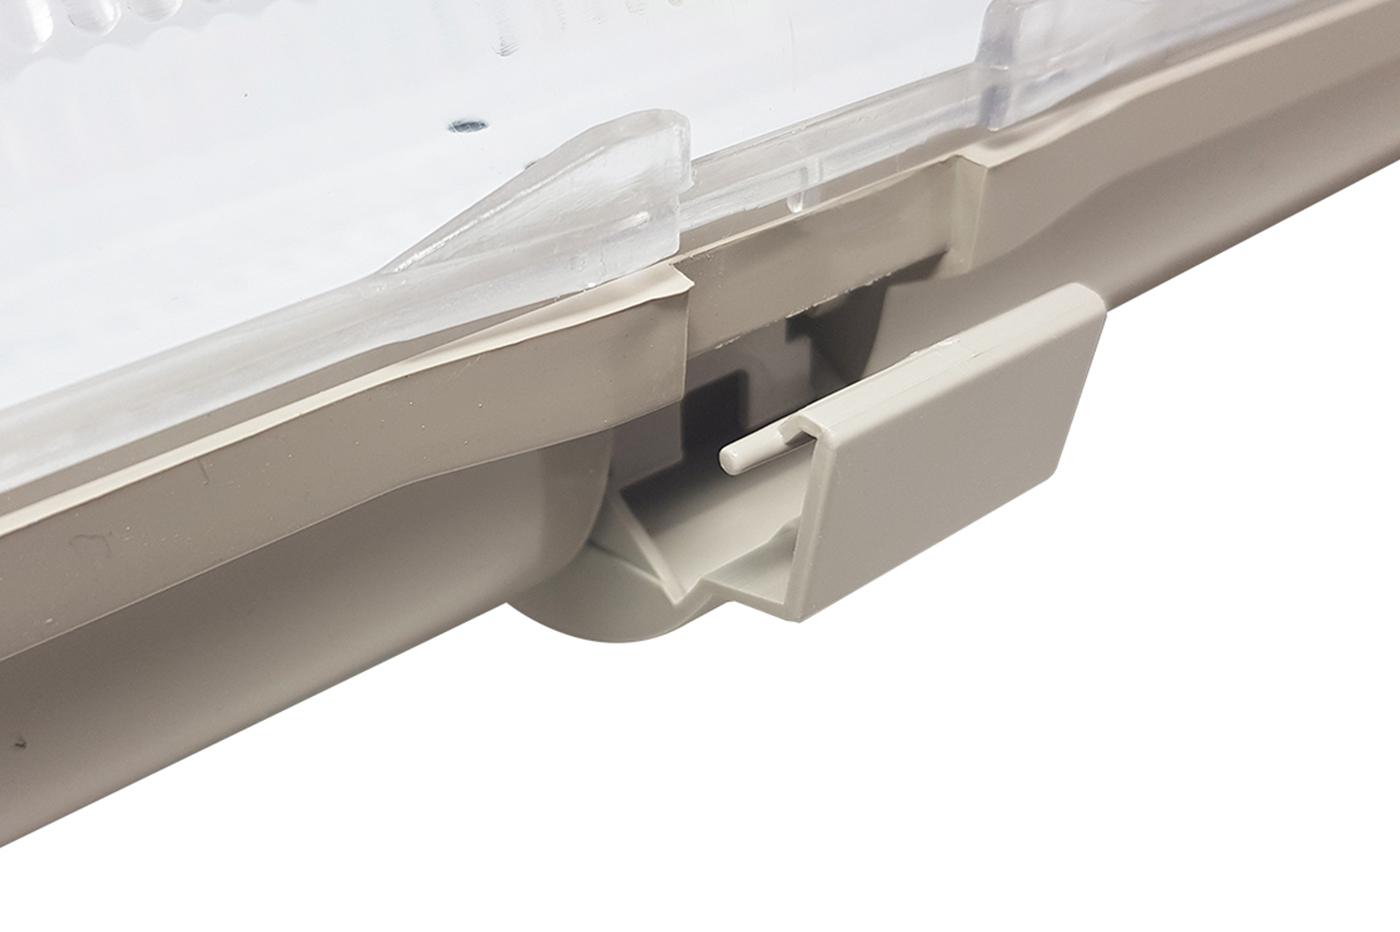 Plafoniere Neon 150 Cm : Bes plafoniere beselettronica plafoniera stagna